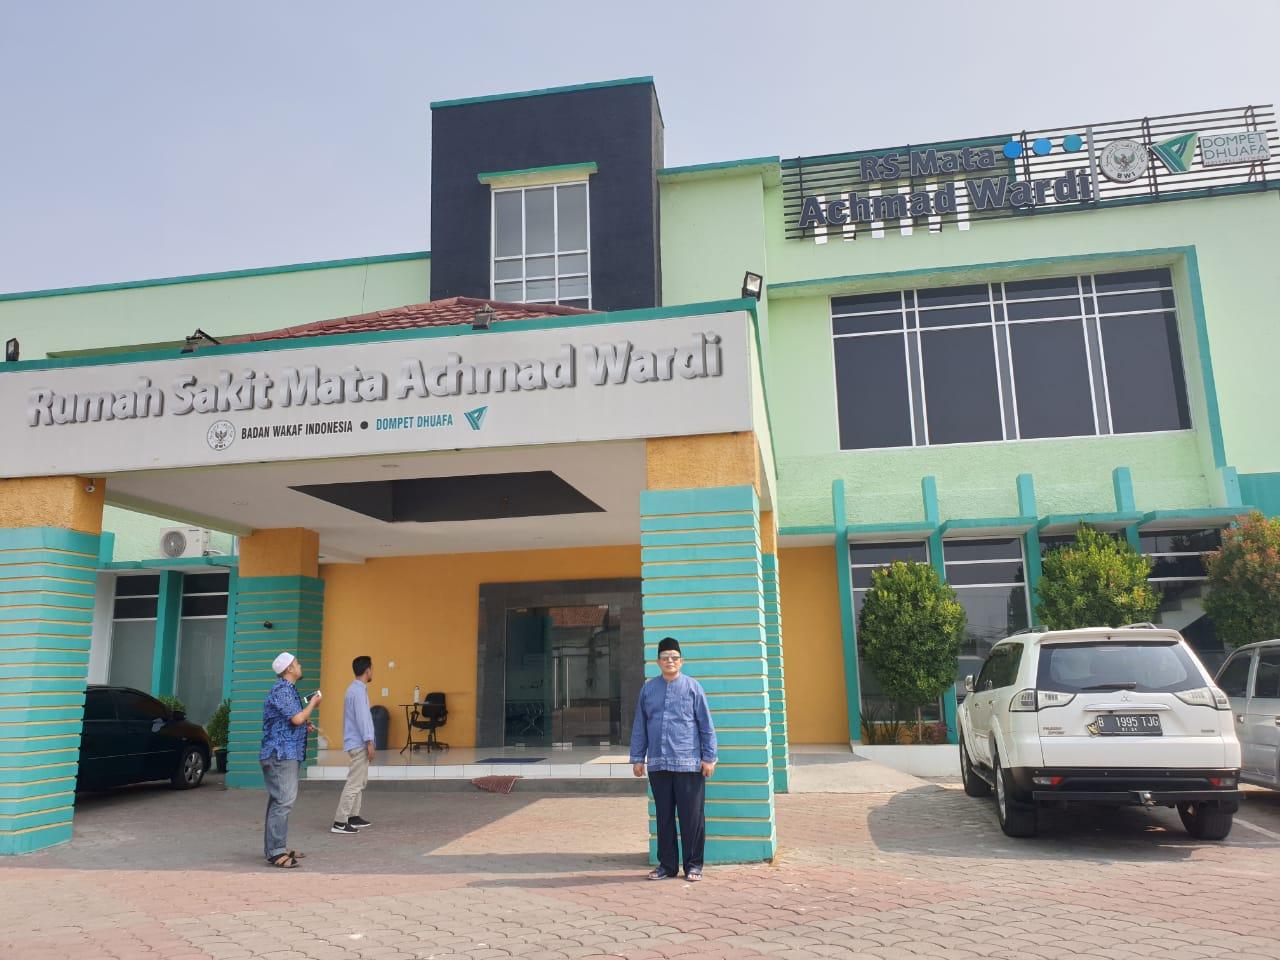 Mengenal Lebih Dekat Rumah Sakit Mata Berbasis Wakaf Pertama di Dunia  - Rumah sakit mata achmad wardi - Mengenal Lebih Dekat Rumah Sakit Mata Berbasis Wakaf Pertama di Dunia